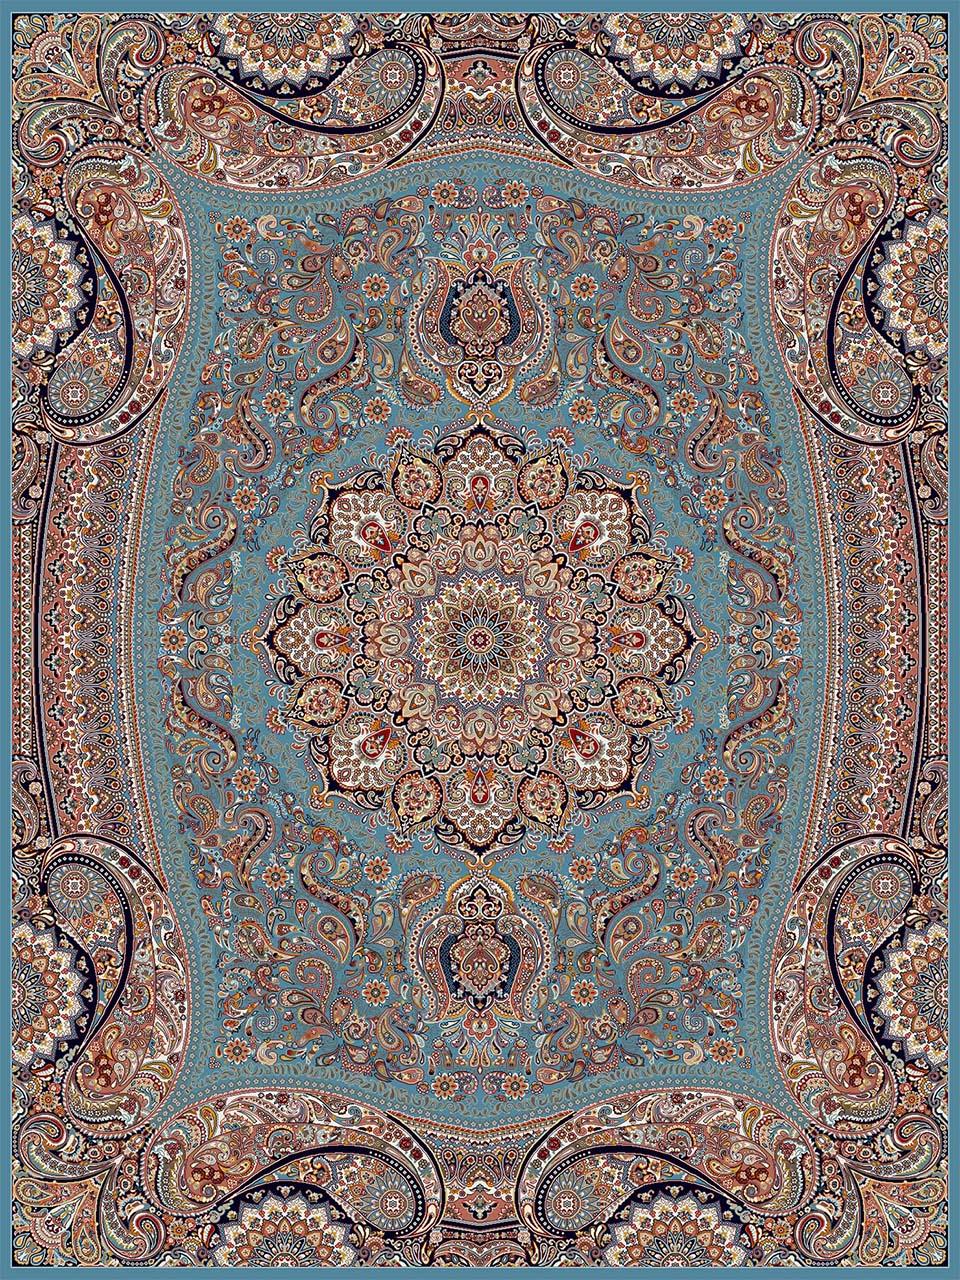 فرش (18122) اکریلیک - 8 رنگ - 500 شانه - آبي - تراکم 1000